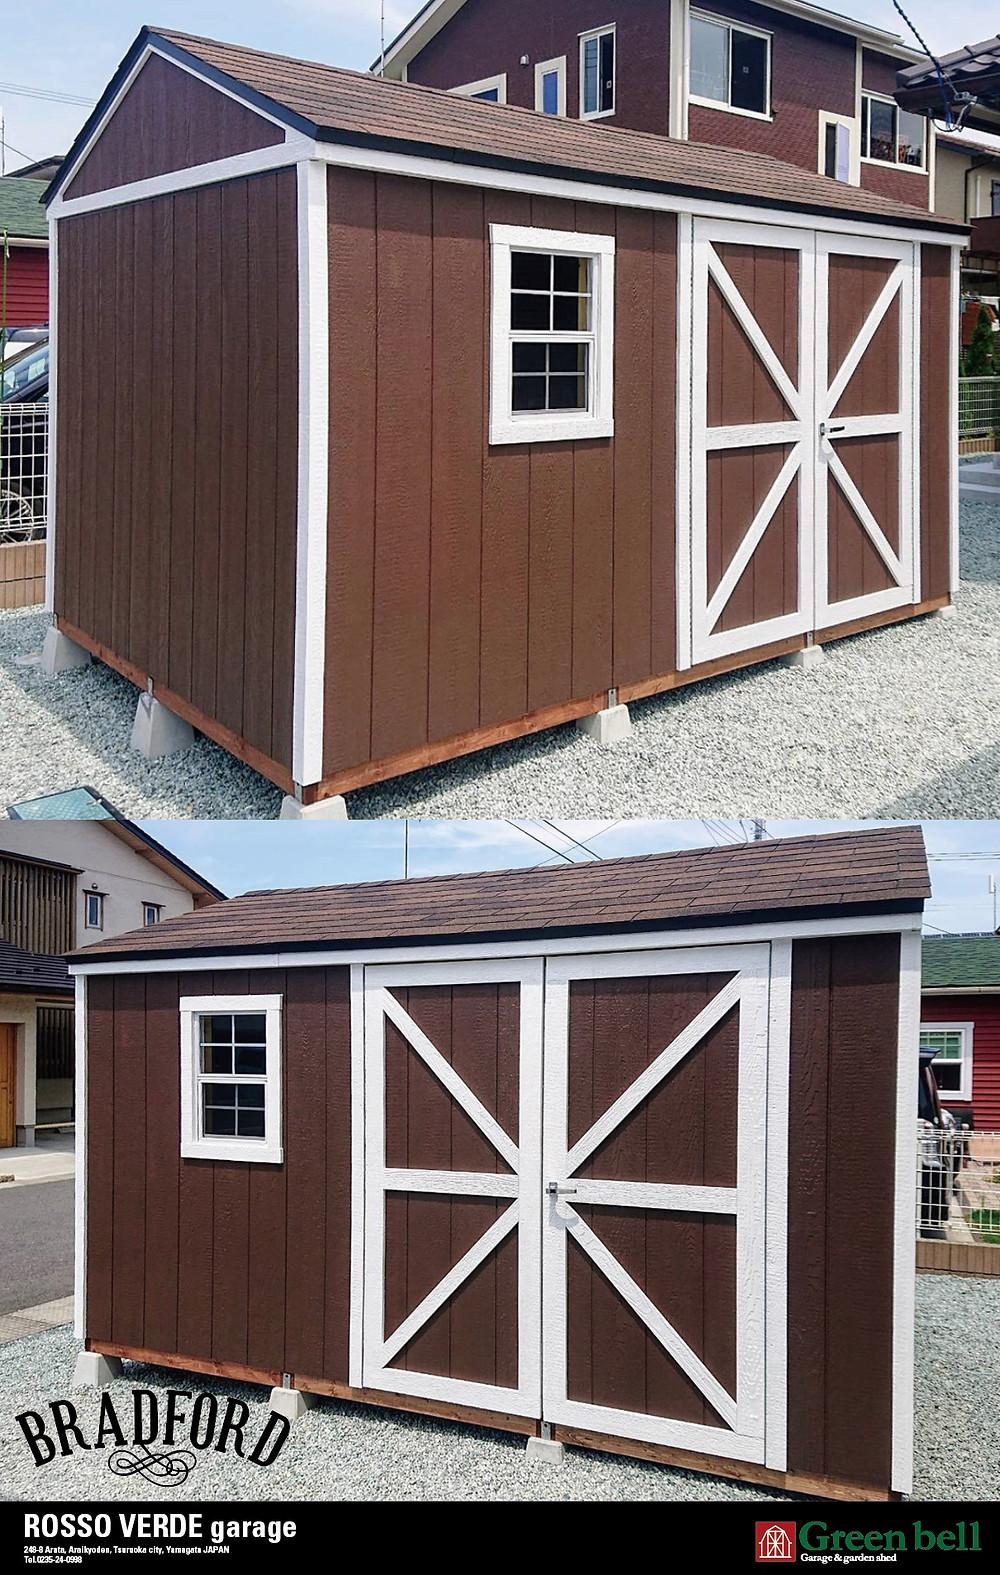 グリーンベルのかわいらしい物置小屋として人気のブラッドフォードは、おしゃれな物置や小屋としてアトリエやガーデニング用具の収納、またはバイクガレージにぴったりな大きさです。